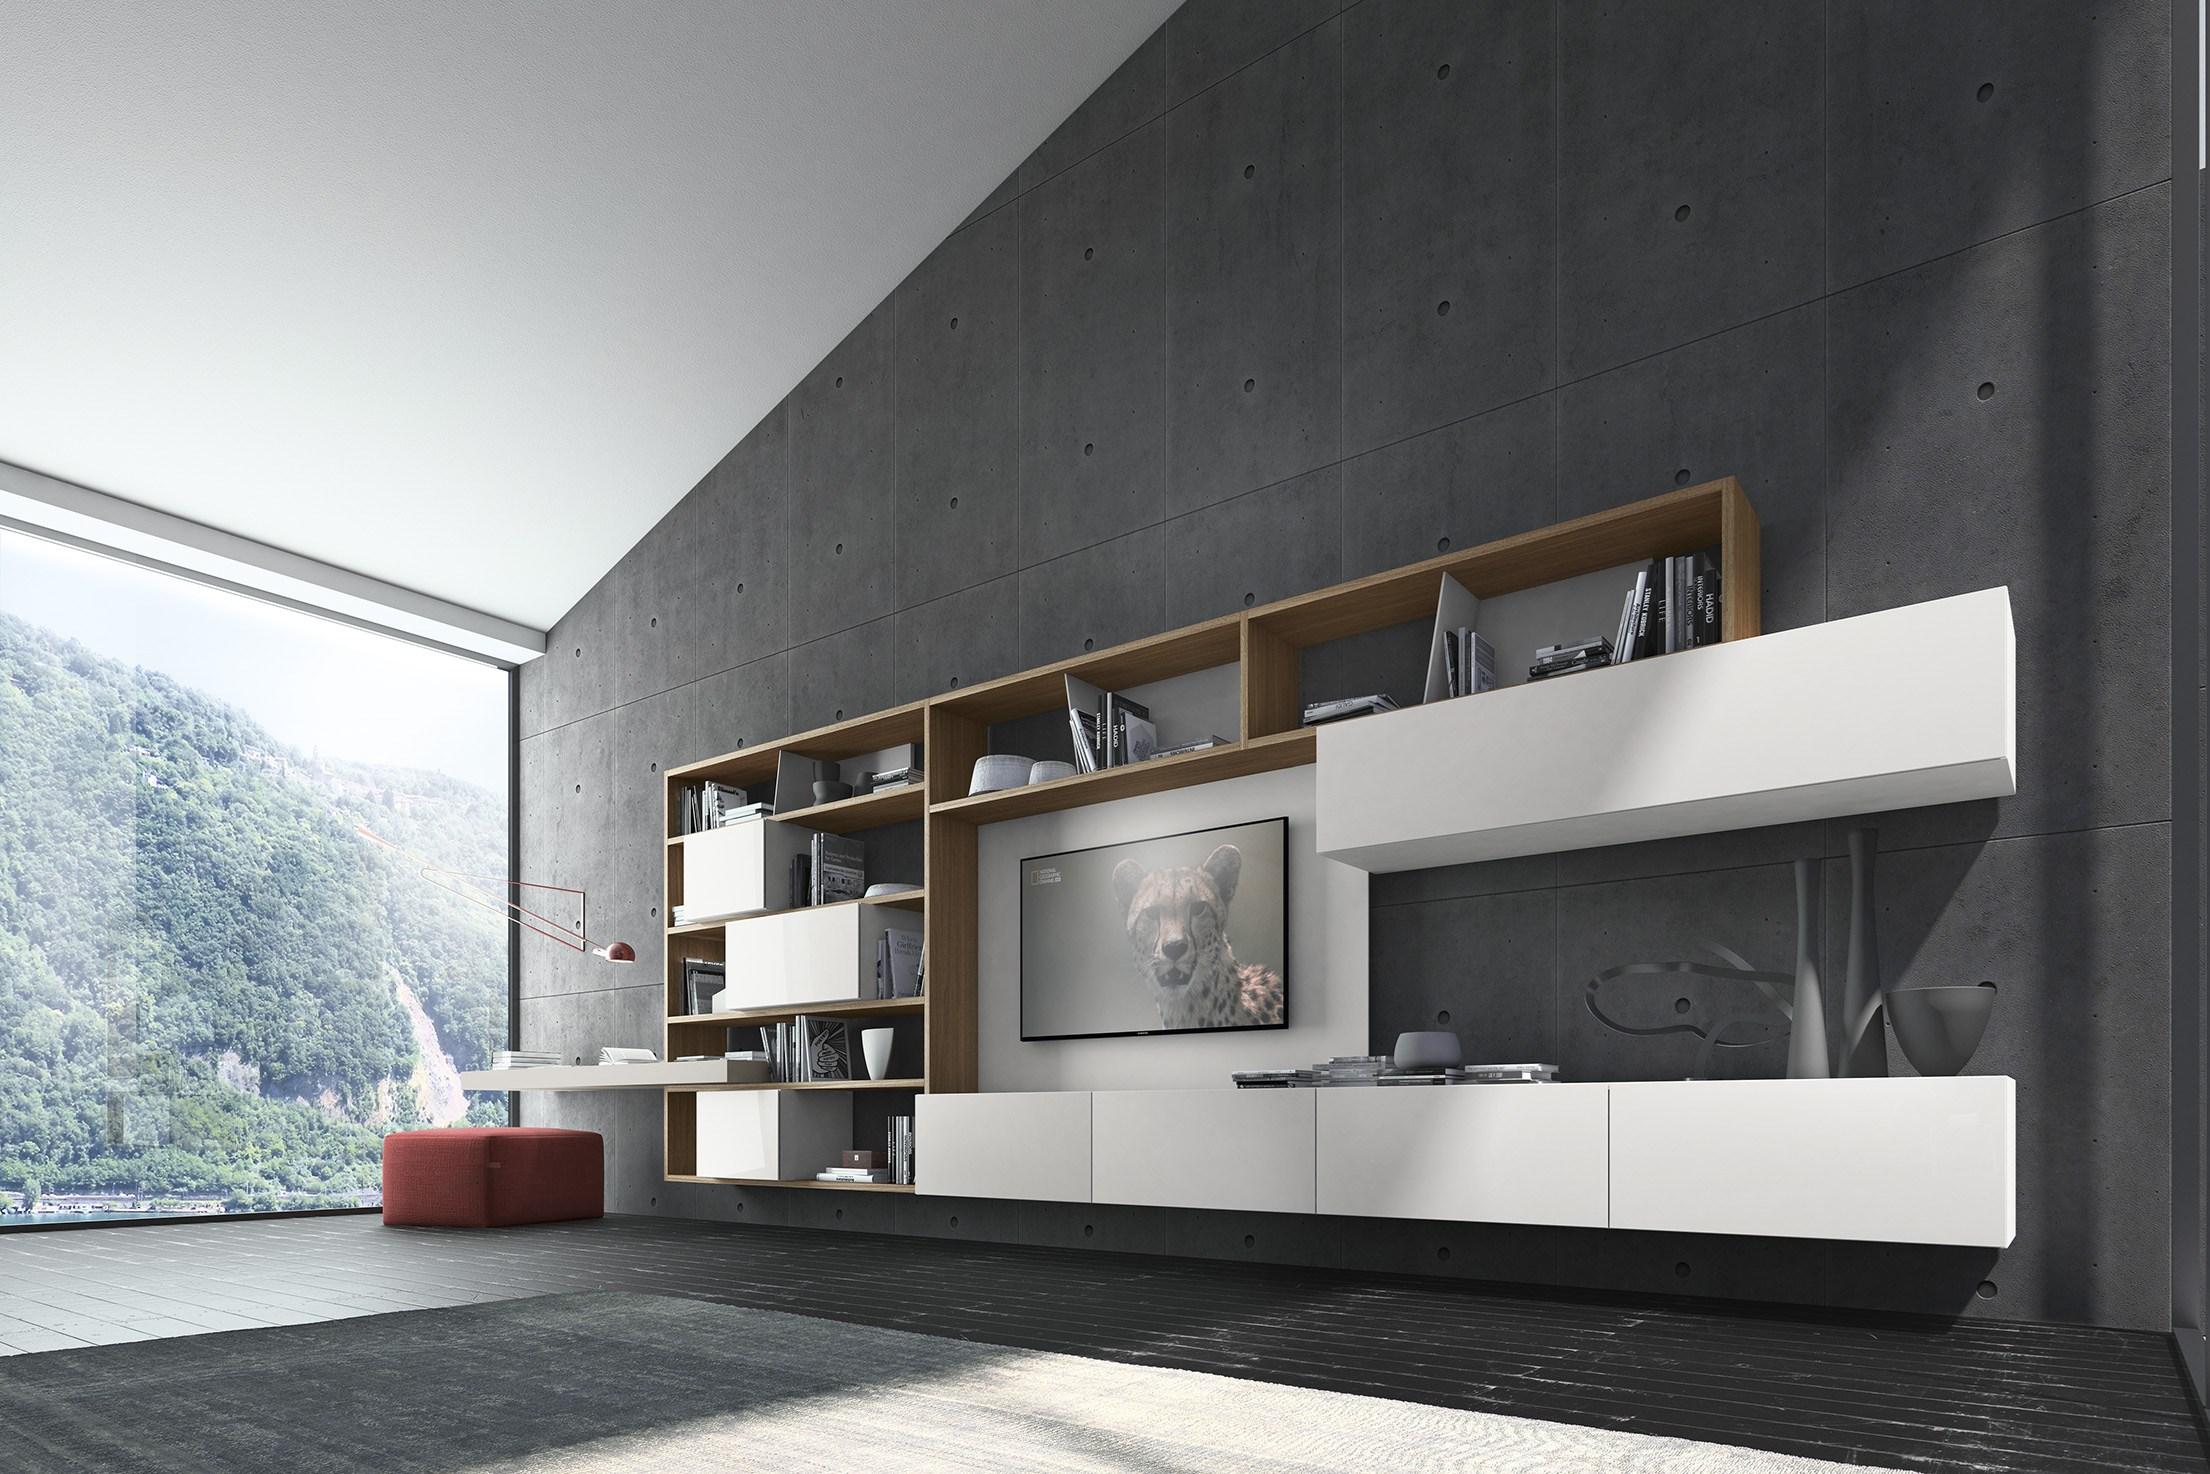 composizione-crossart-529-presotto-industrie-mobili-203970-prel97bee6a5.jpg